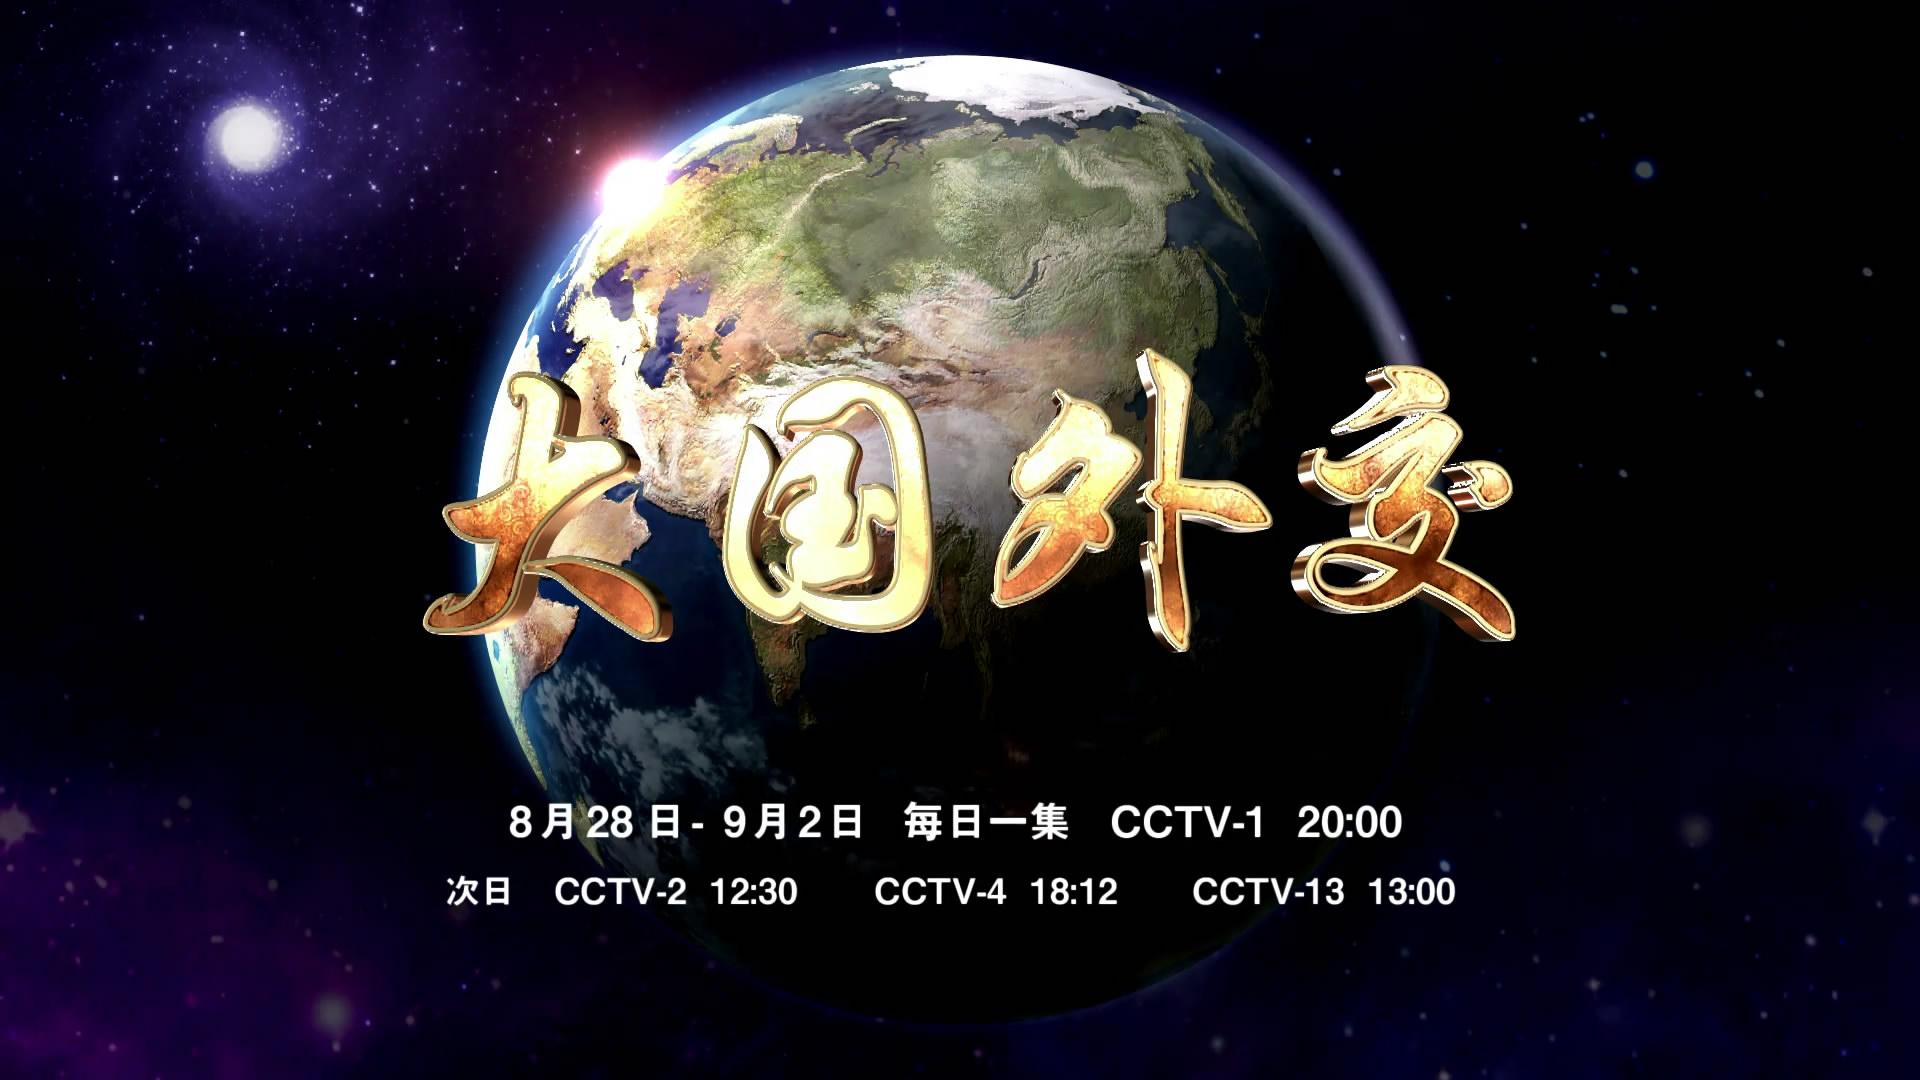 六集大型政论专题片《大国外交》即将播出